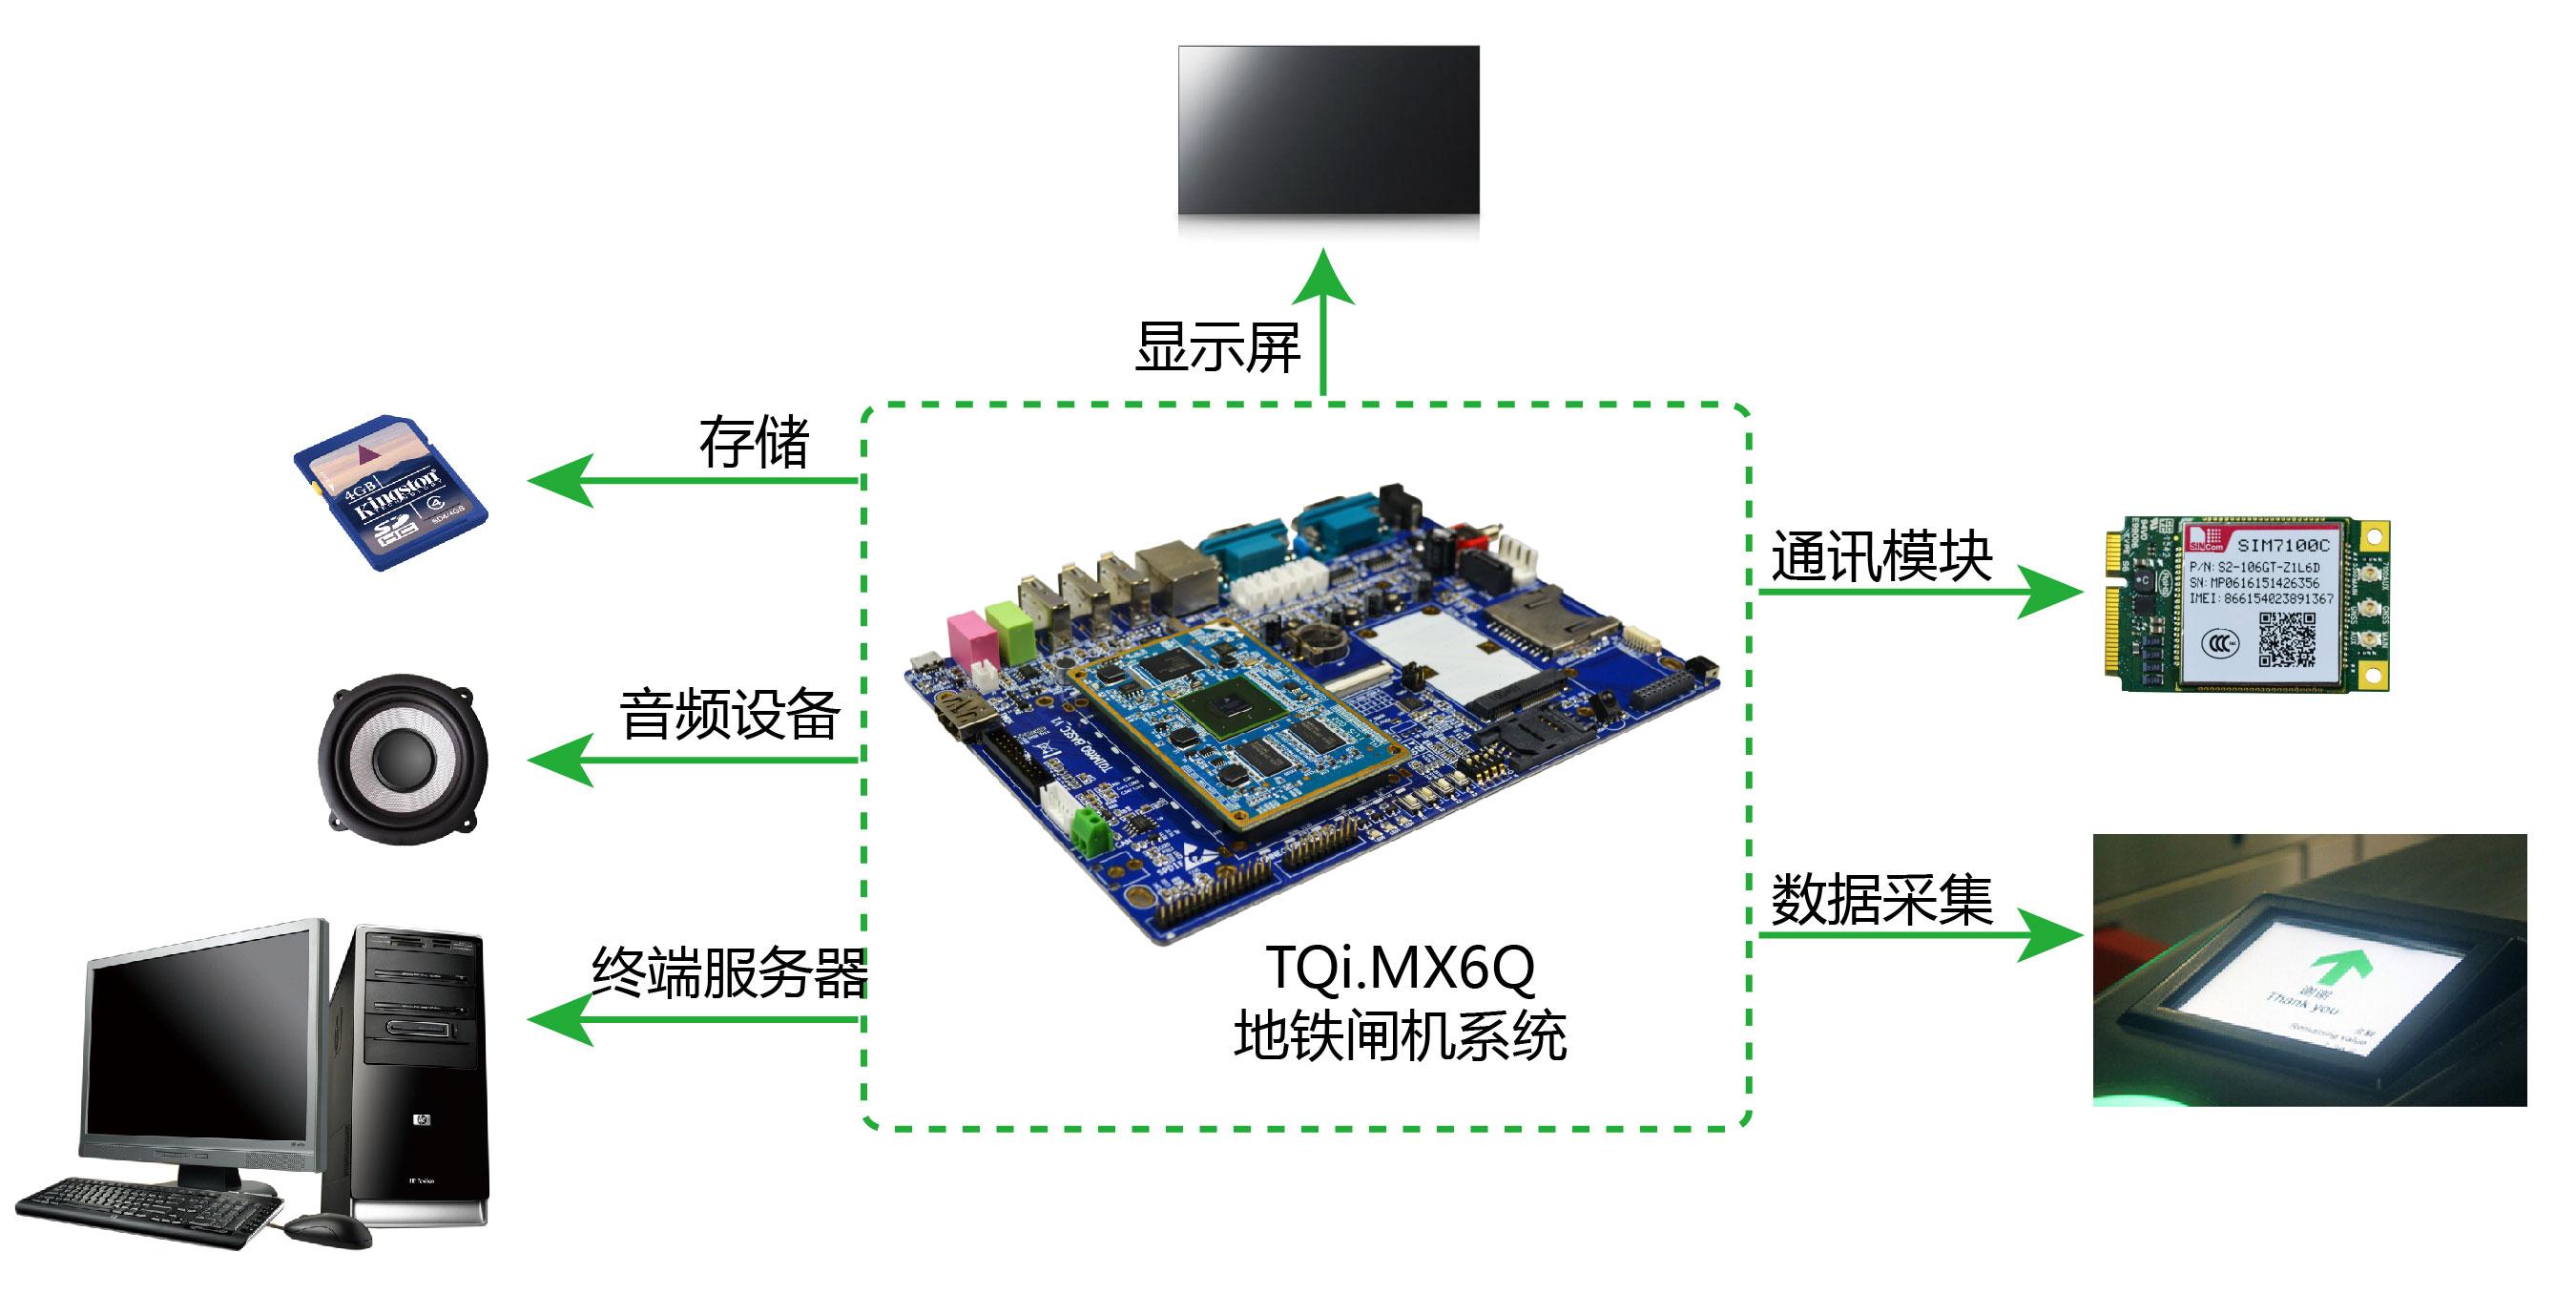 闸机系统开发板具有故障自检和报警提示功能